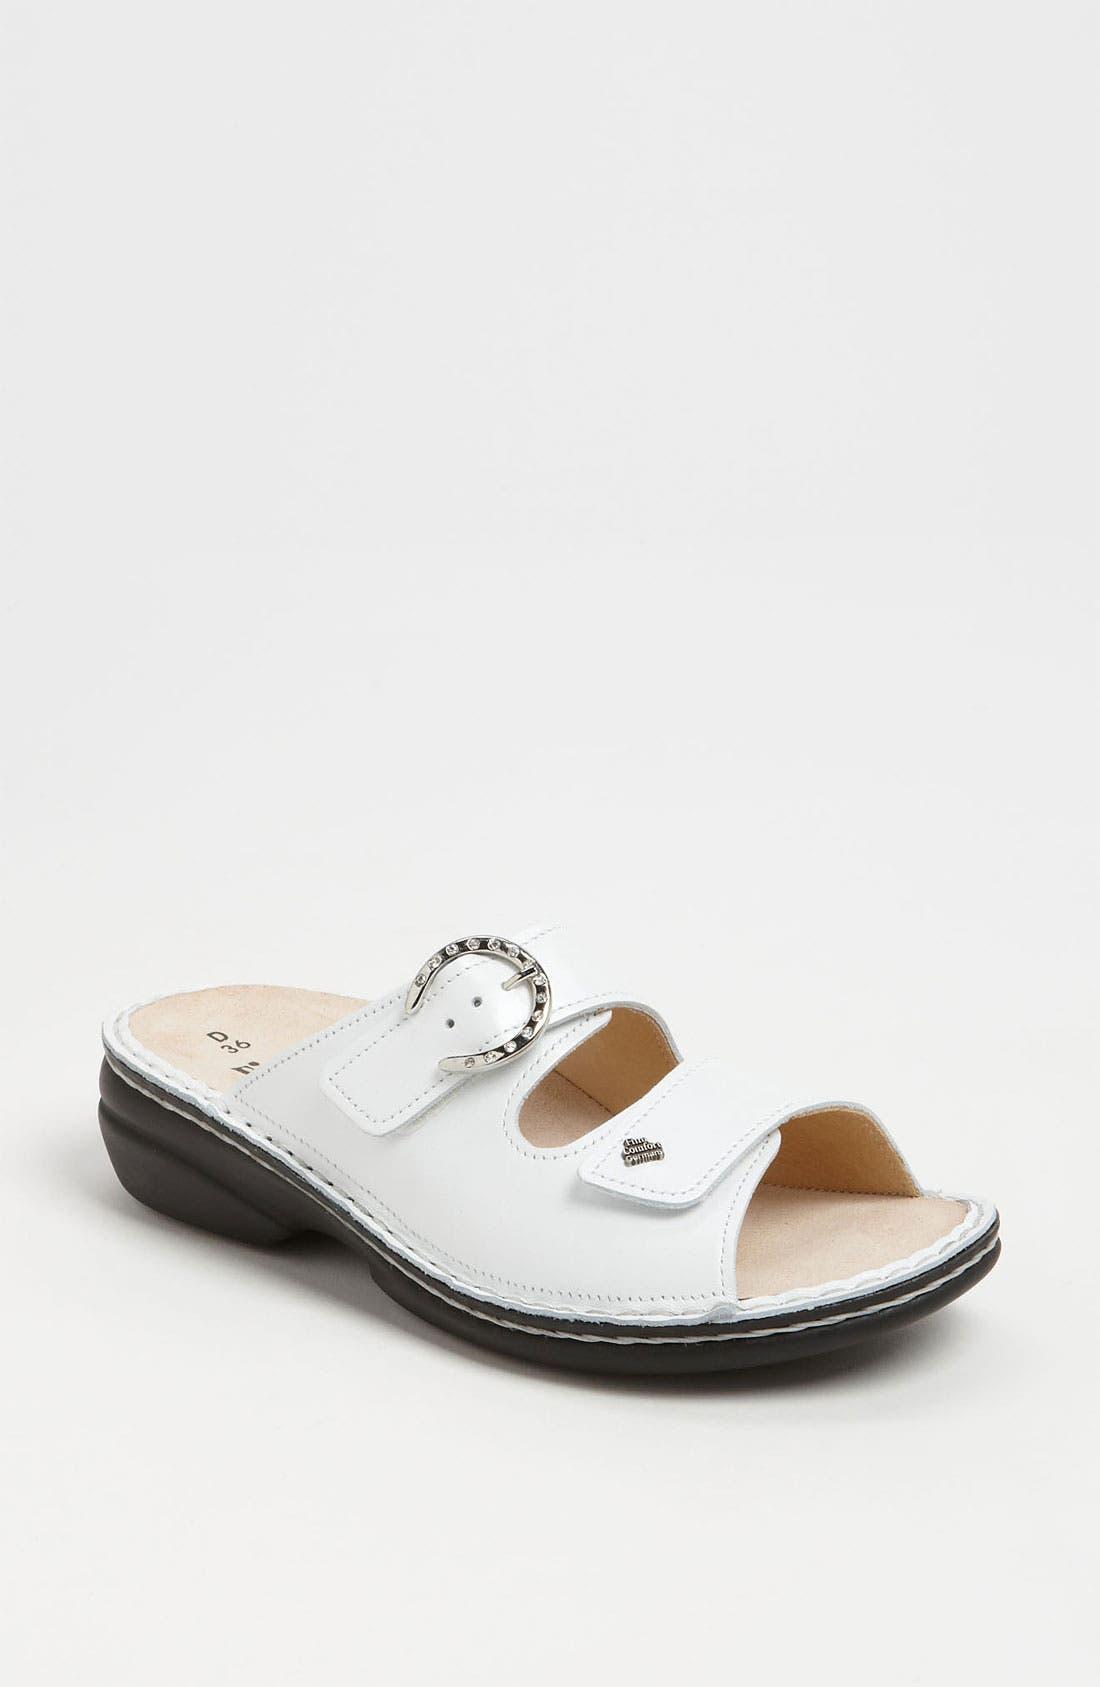 Main Image - Finn Comfort 'Mumbai' Sandal